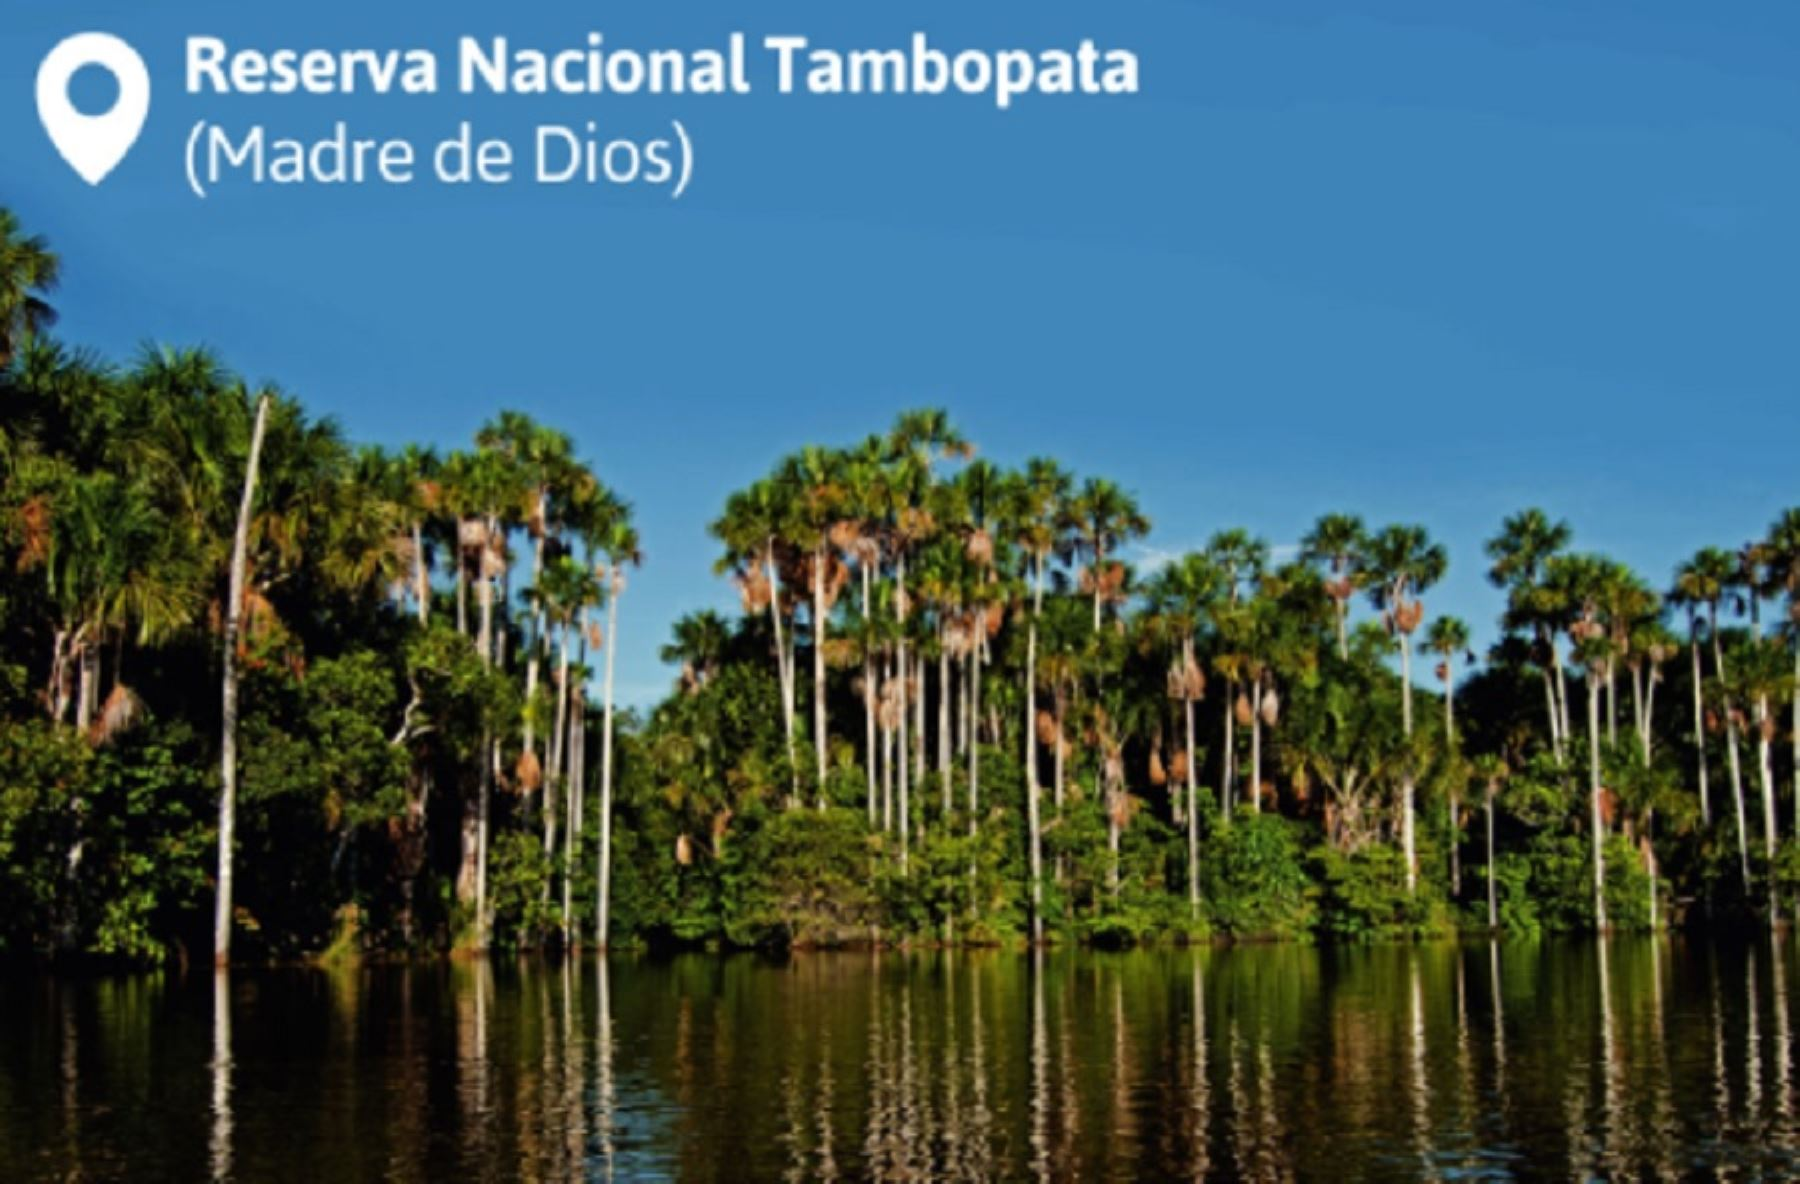 Nueve destinos del Perú son reconocidos entre los más sostenibles del mundo